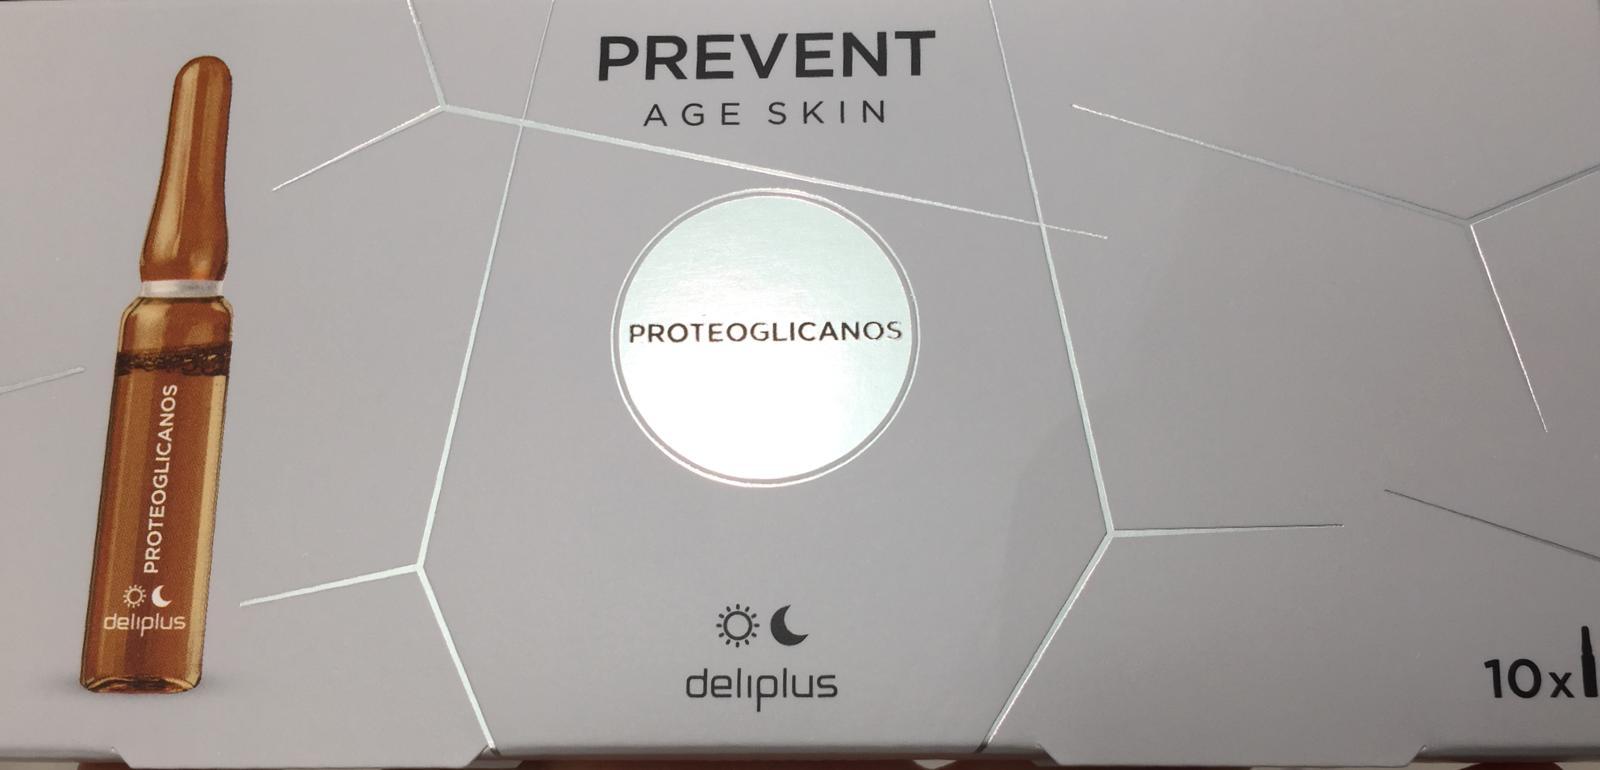 Prevent age skin